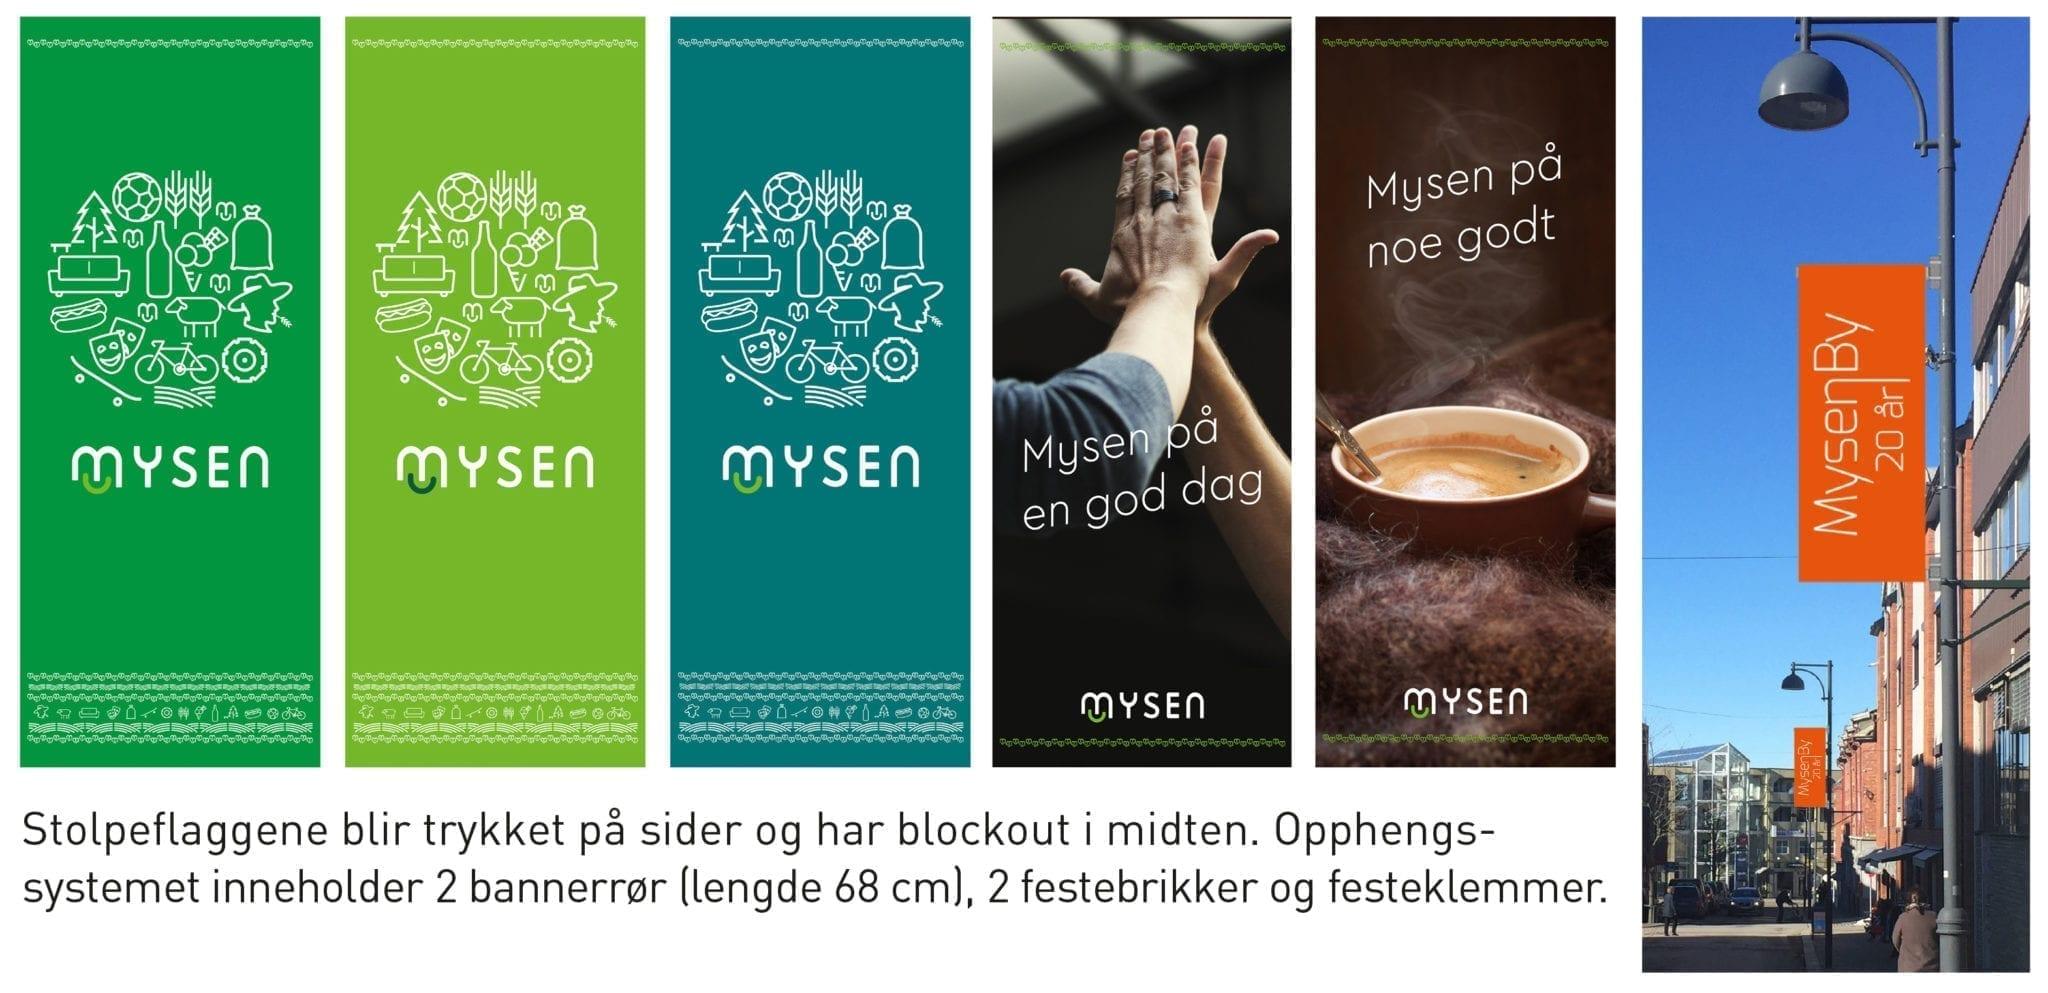 Eksempelbilder av stoleflagg - Allprofil AS - Trykksaker - Profilering - Klær - Digital skilting - Tjenester - Kontakt